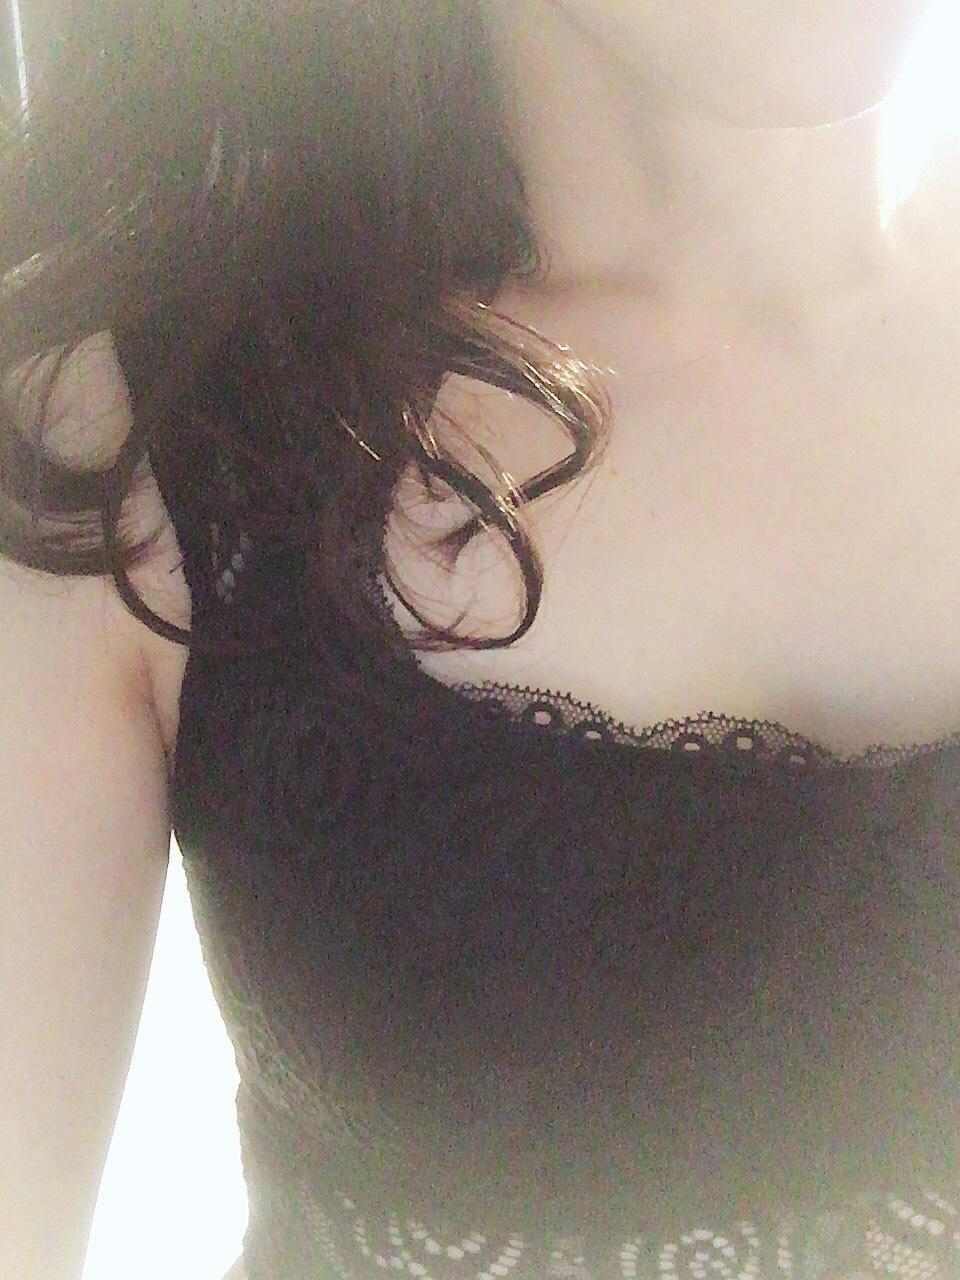 「こんにちは」07/03(火) 13:48 | 杏奈の写メ・風俗動画